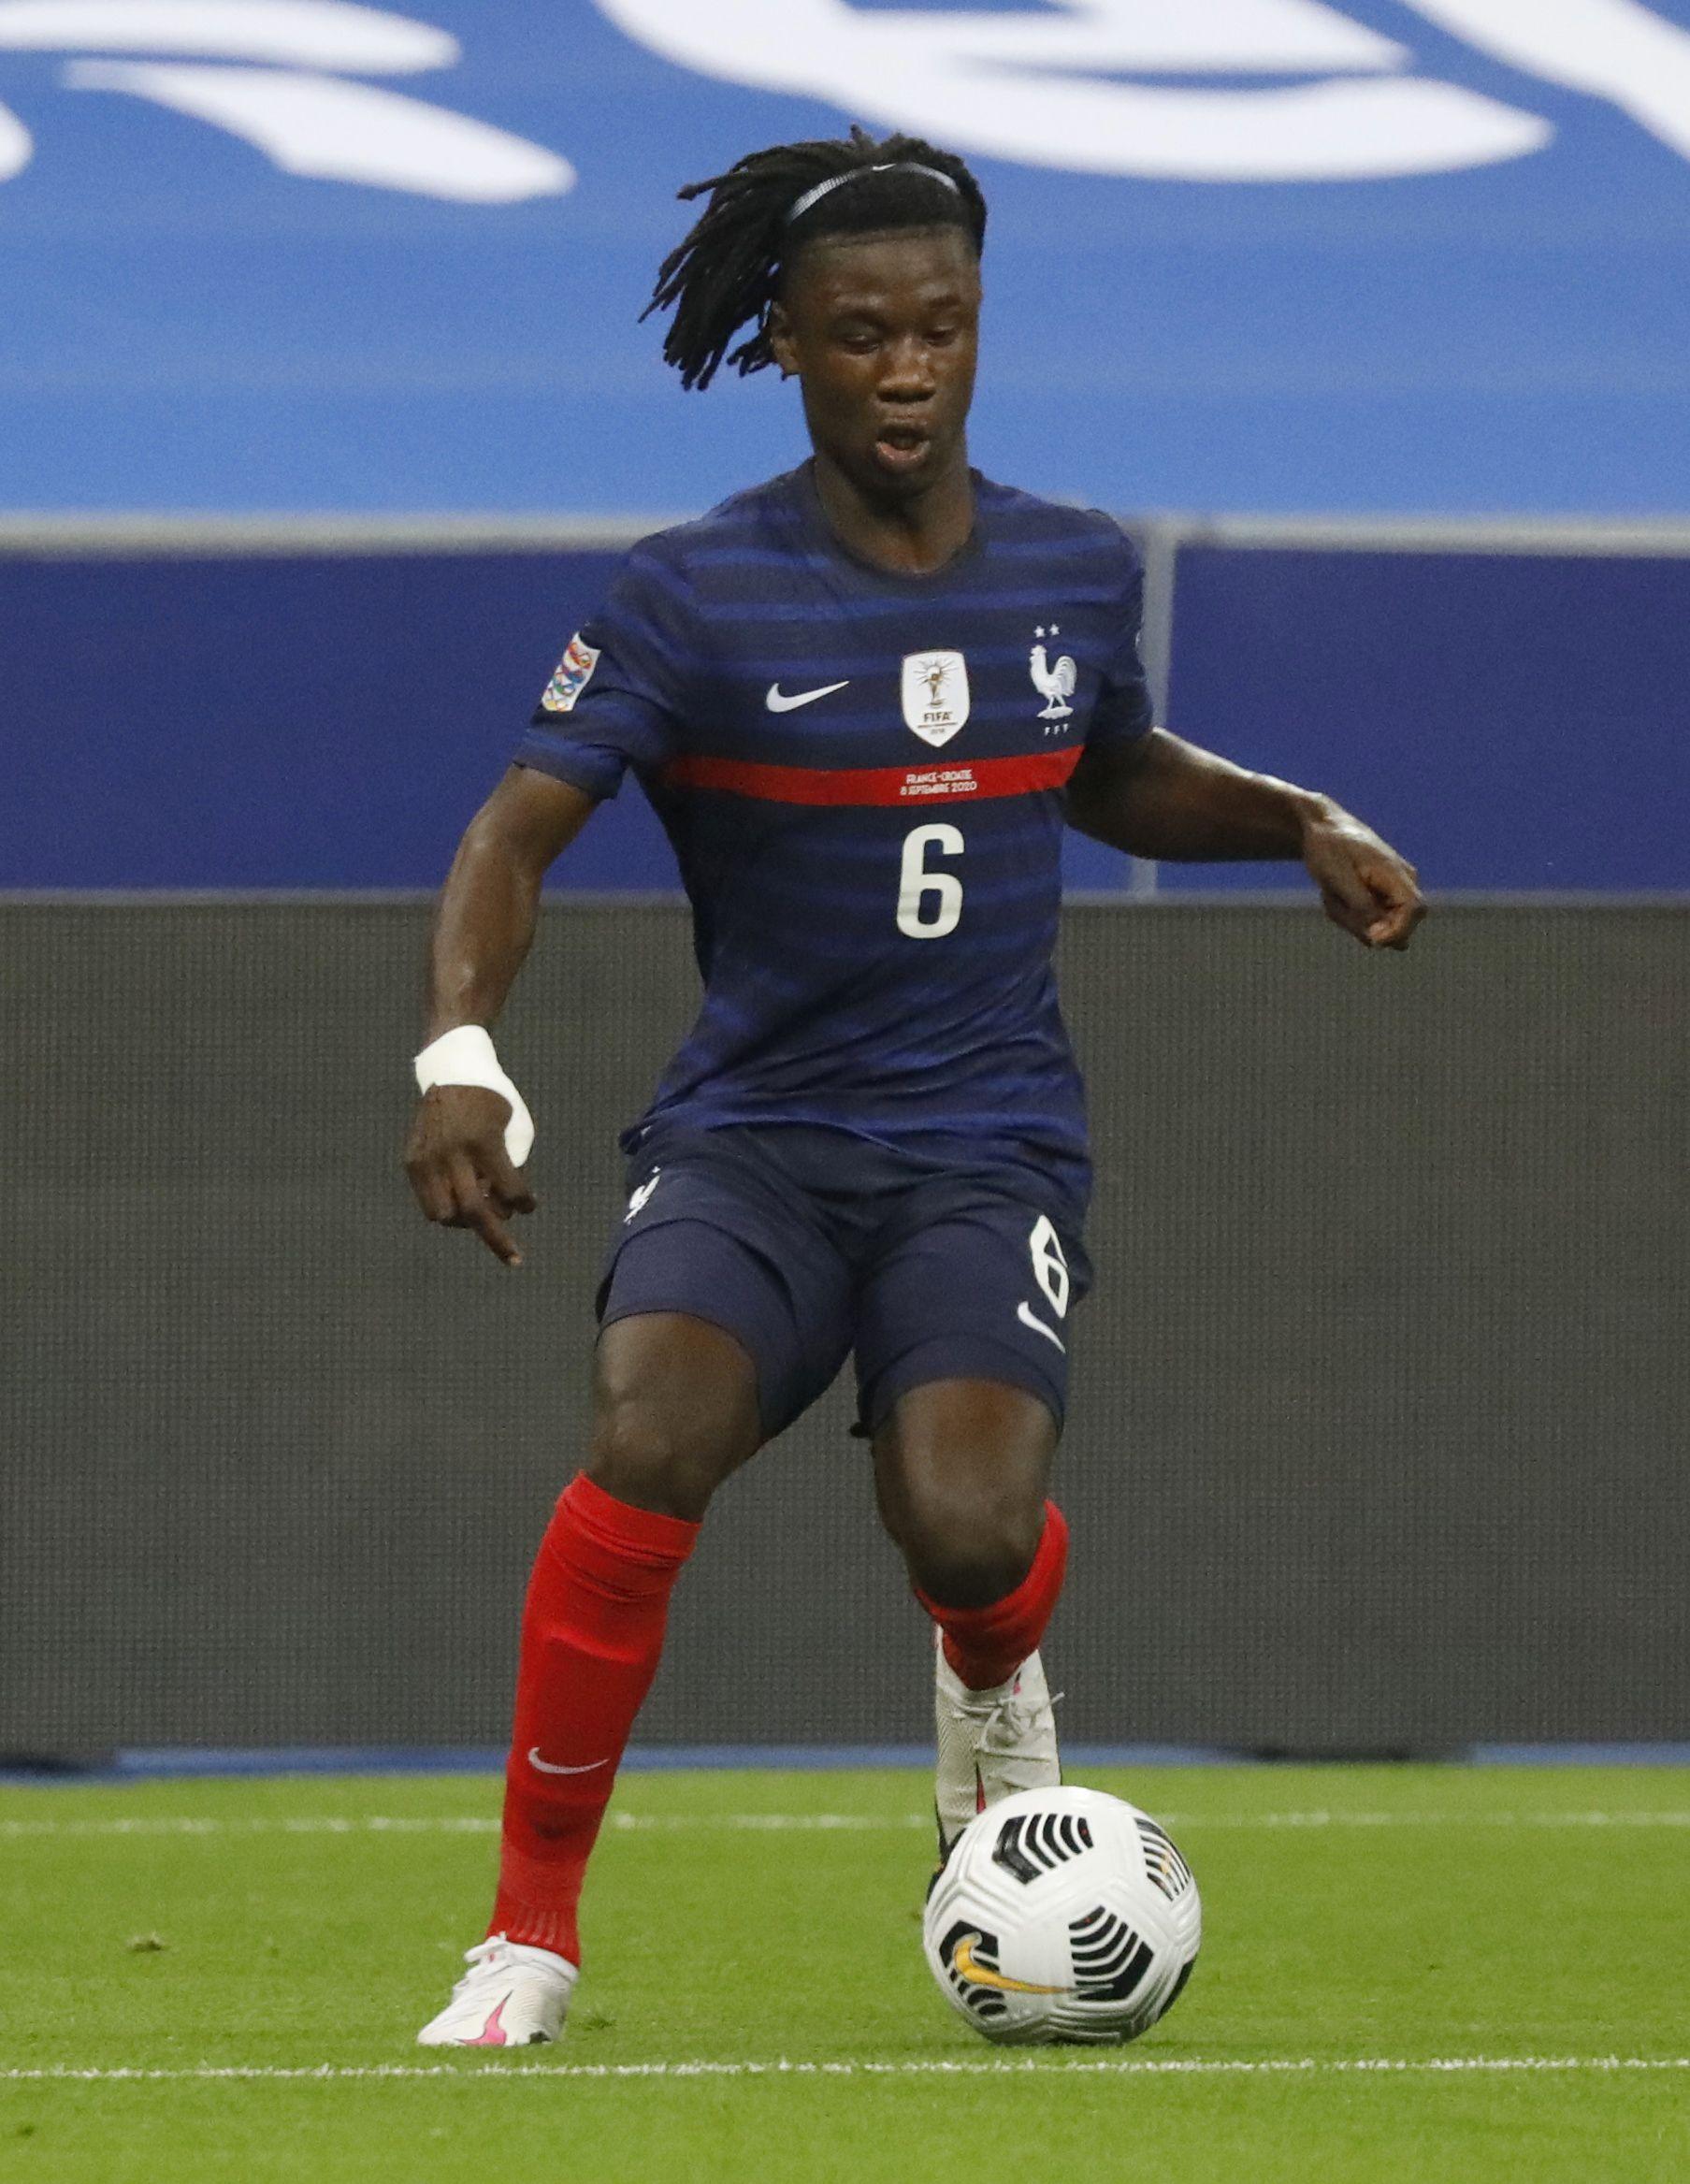 Su primer partido con la selección francesa mayor en la mayor fue el 8 de septiembre de 2020 ante Croacia por la Liga de las Naciones de la UEFA  (REUTERS/Charles Platiau)